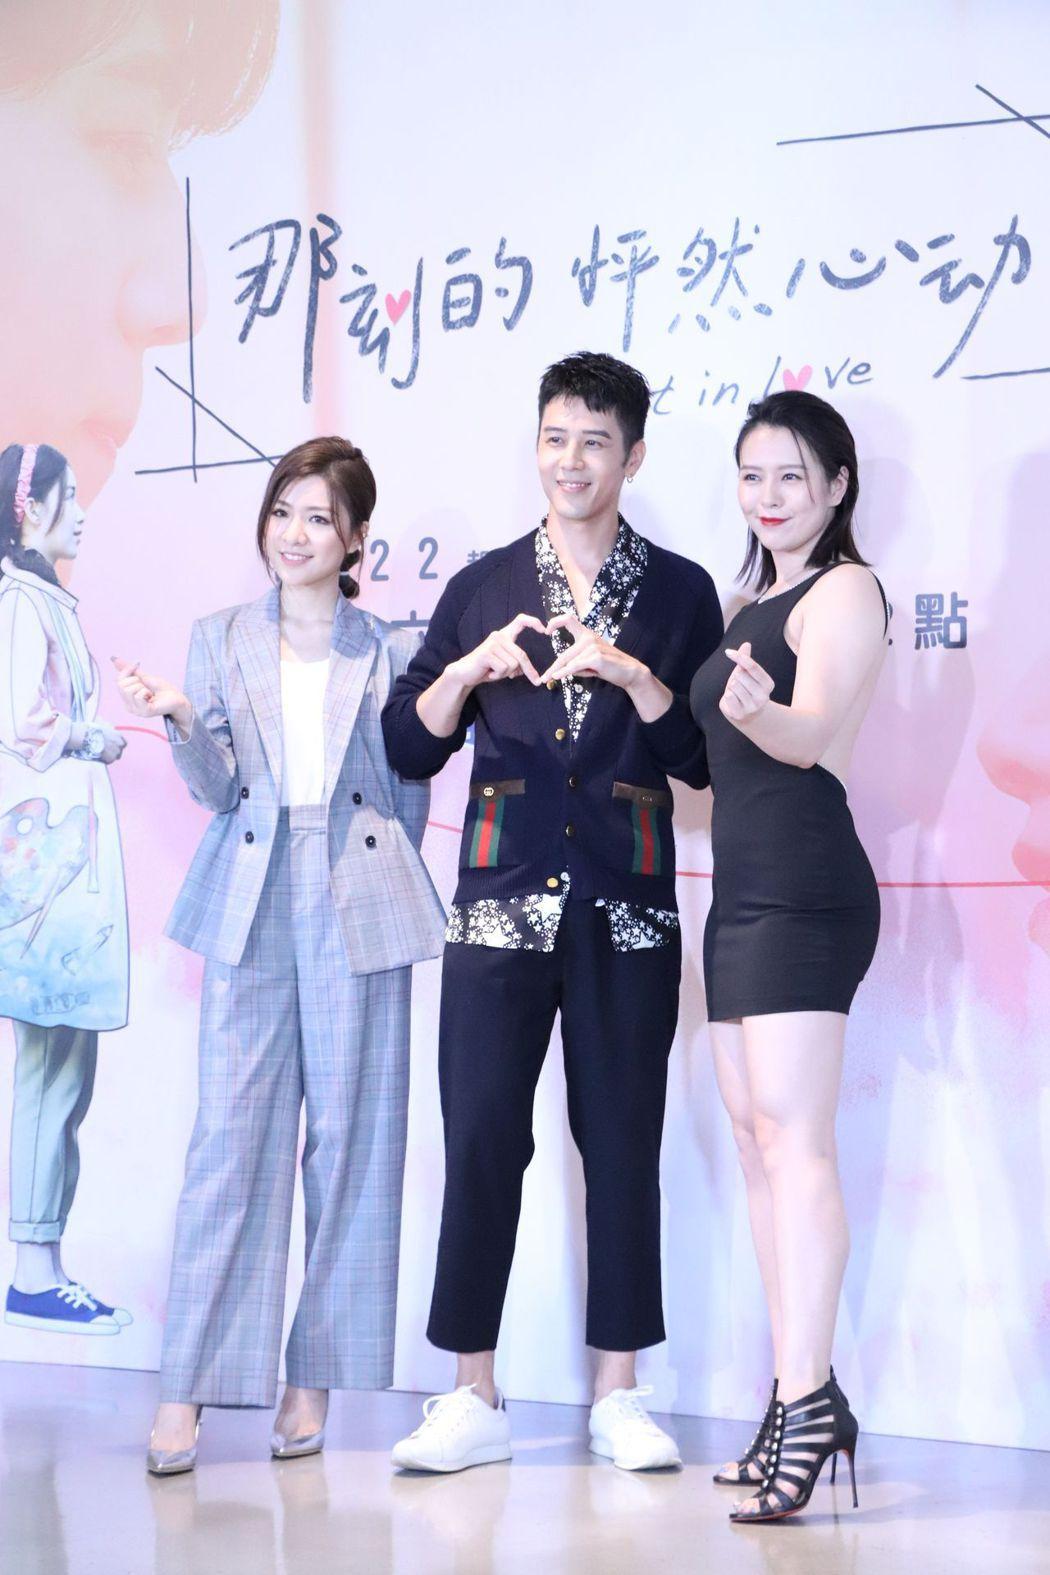 劉品言(右起)、胡宇威、關詩敏為主演的「那刻的怦然心動」宣傳。圖/中天娛樂台提供